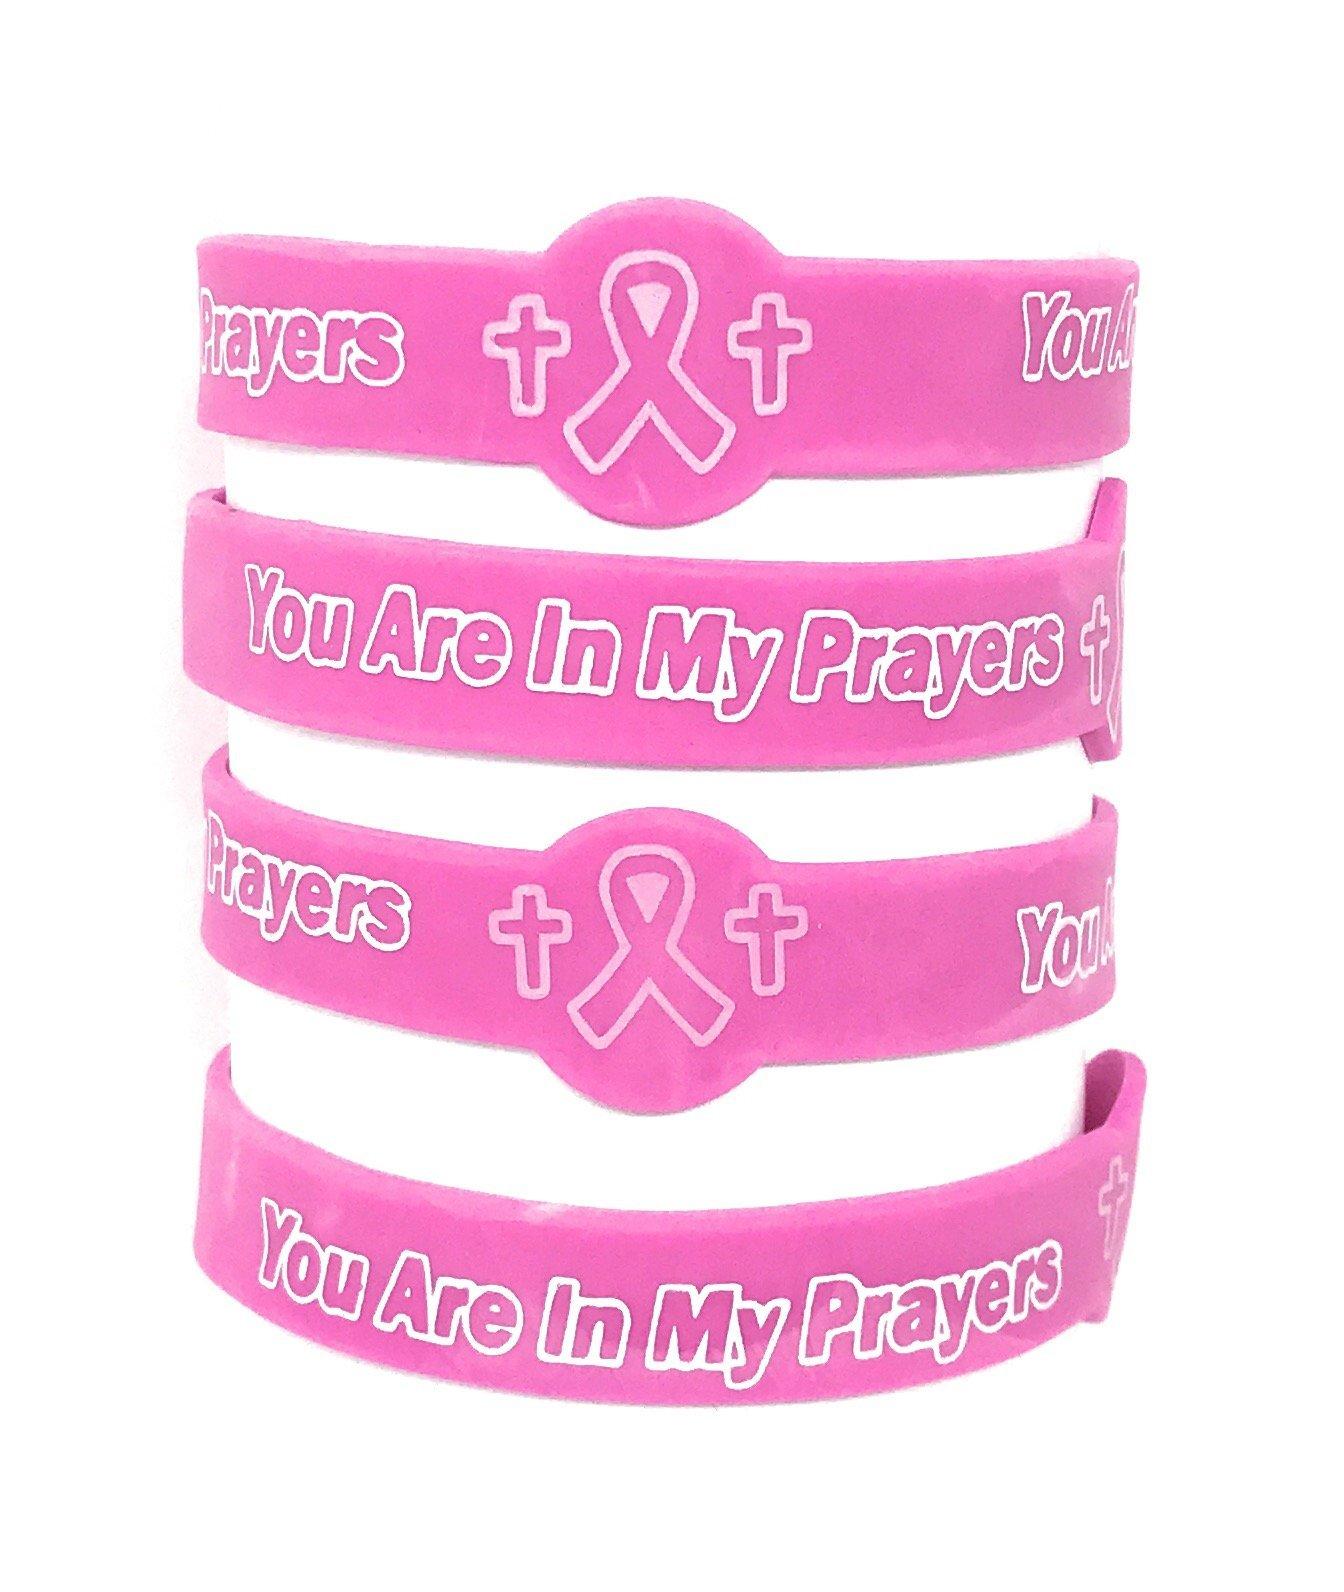 50 SVT Bulk Breast Cancer Faith Prayer Bracelets